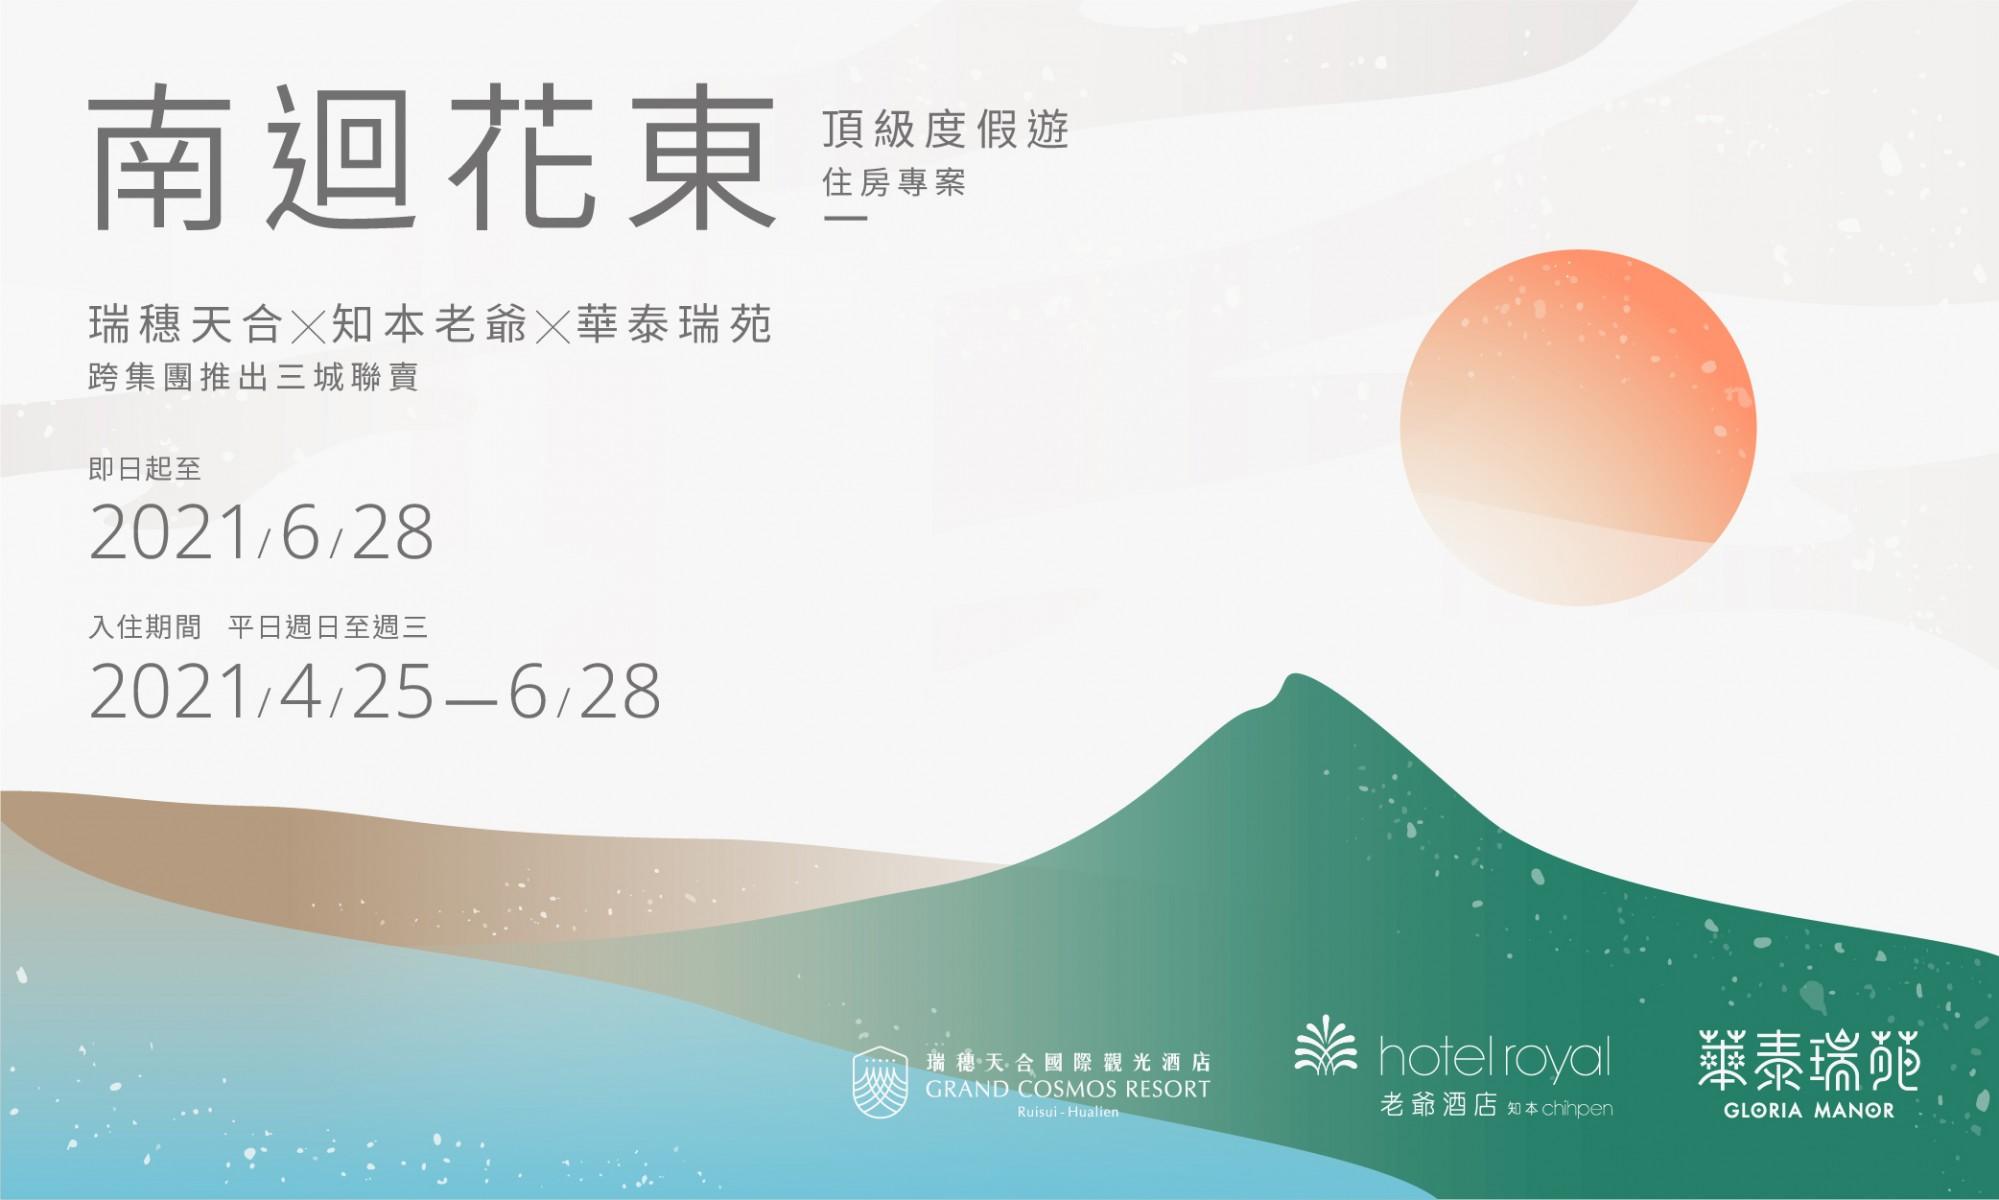 20210416 瑞穗天合-知本老爺-華泰瑞苑 三城聯賣-500 300